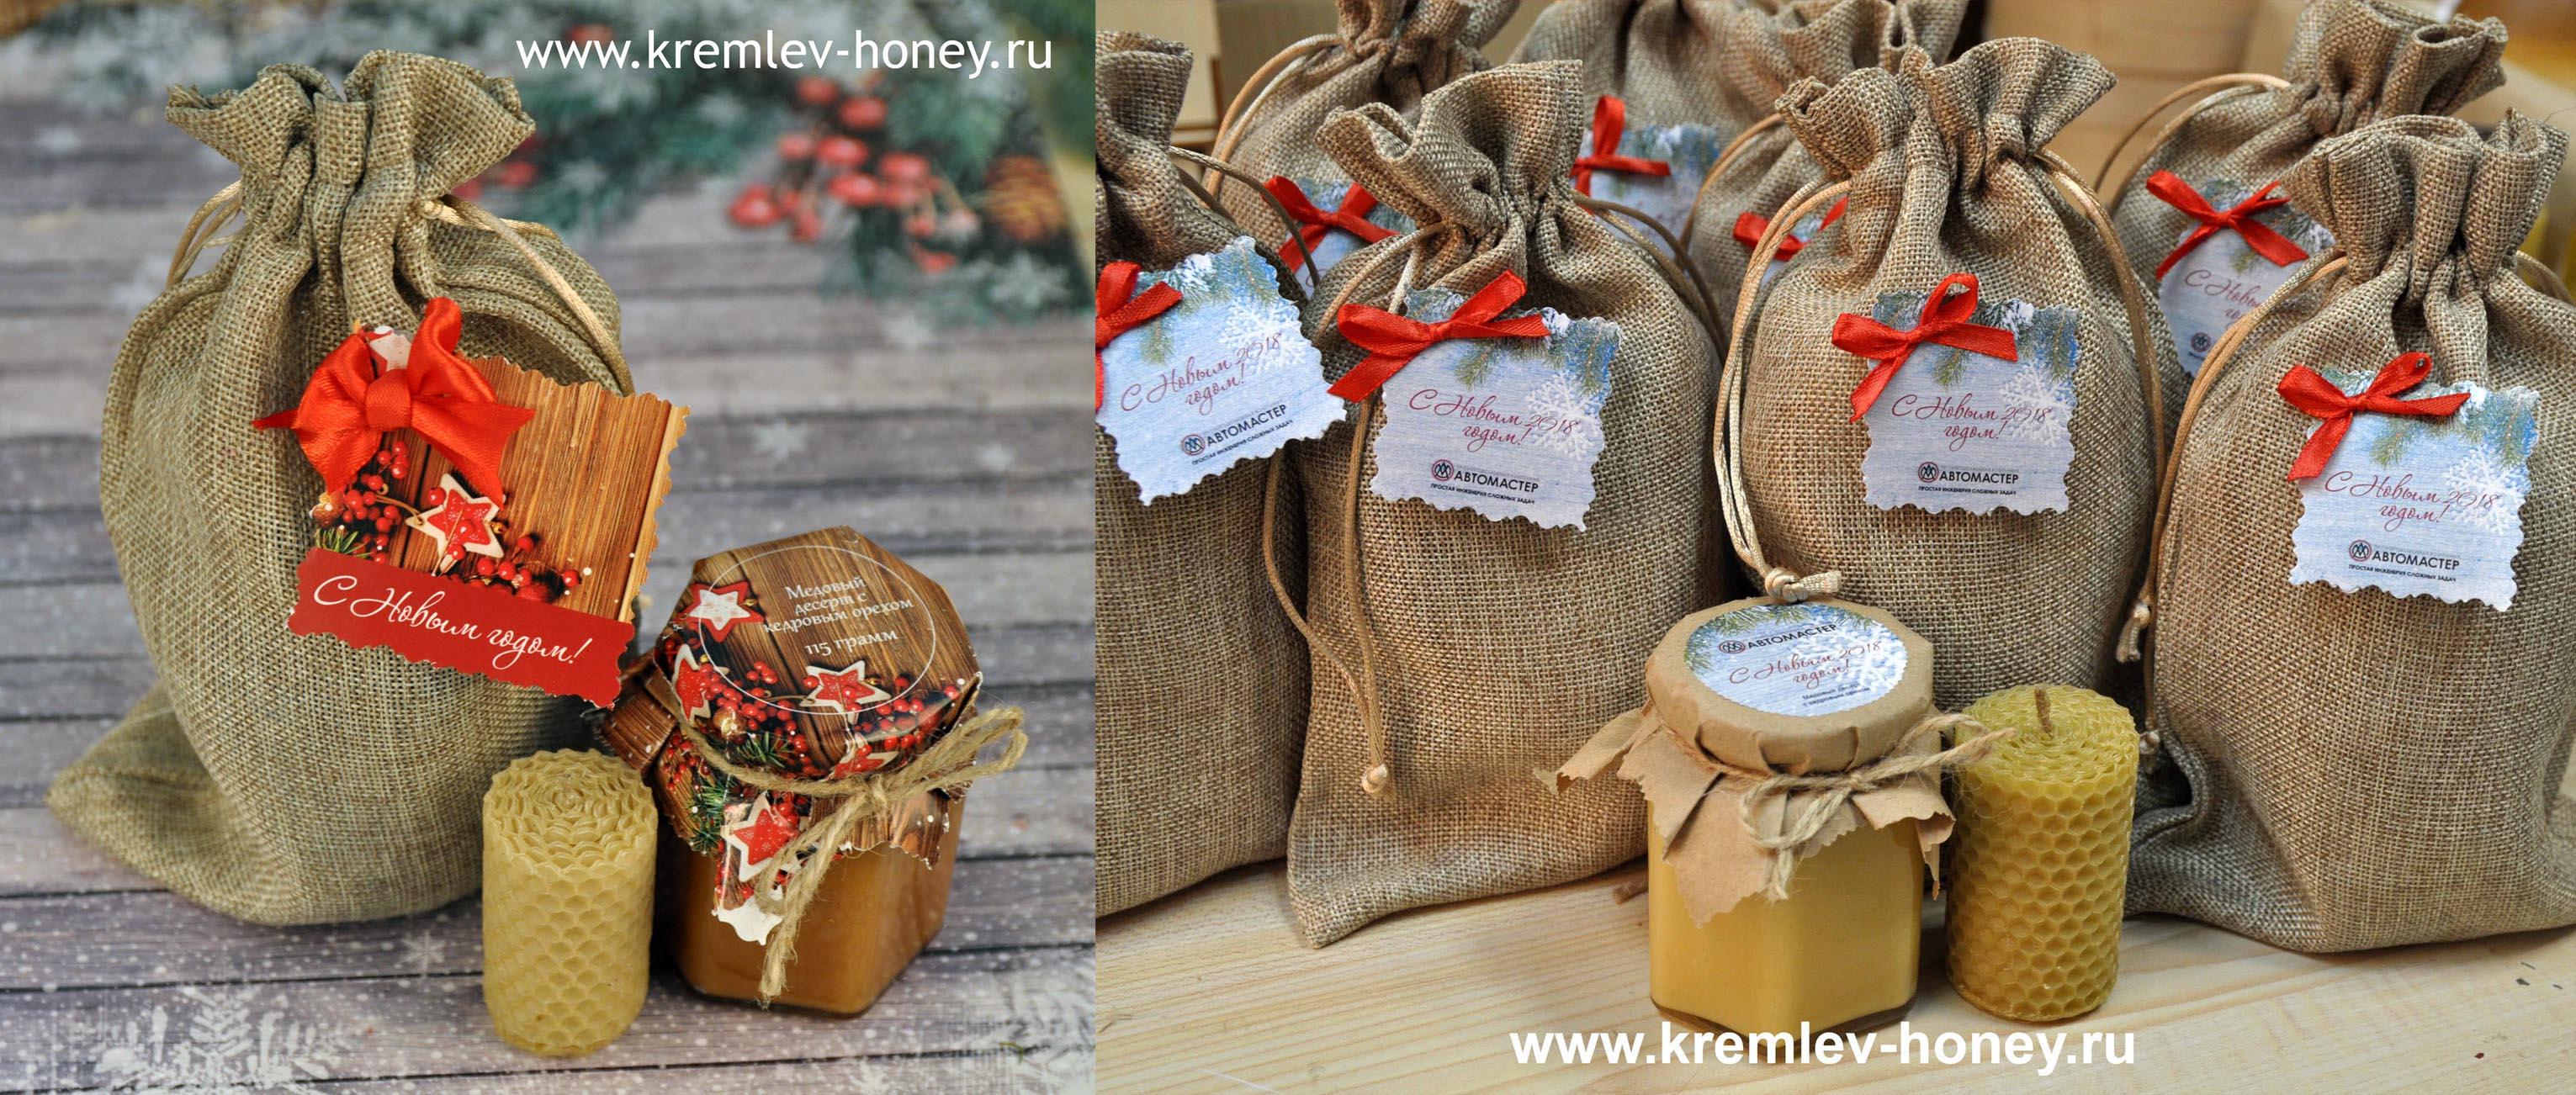 Екатеринбург подарки сувениры 42